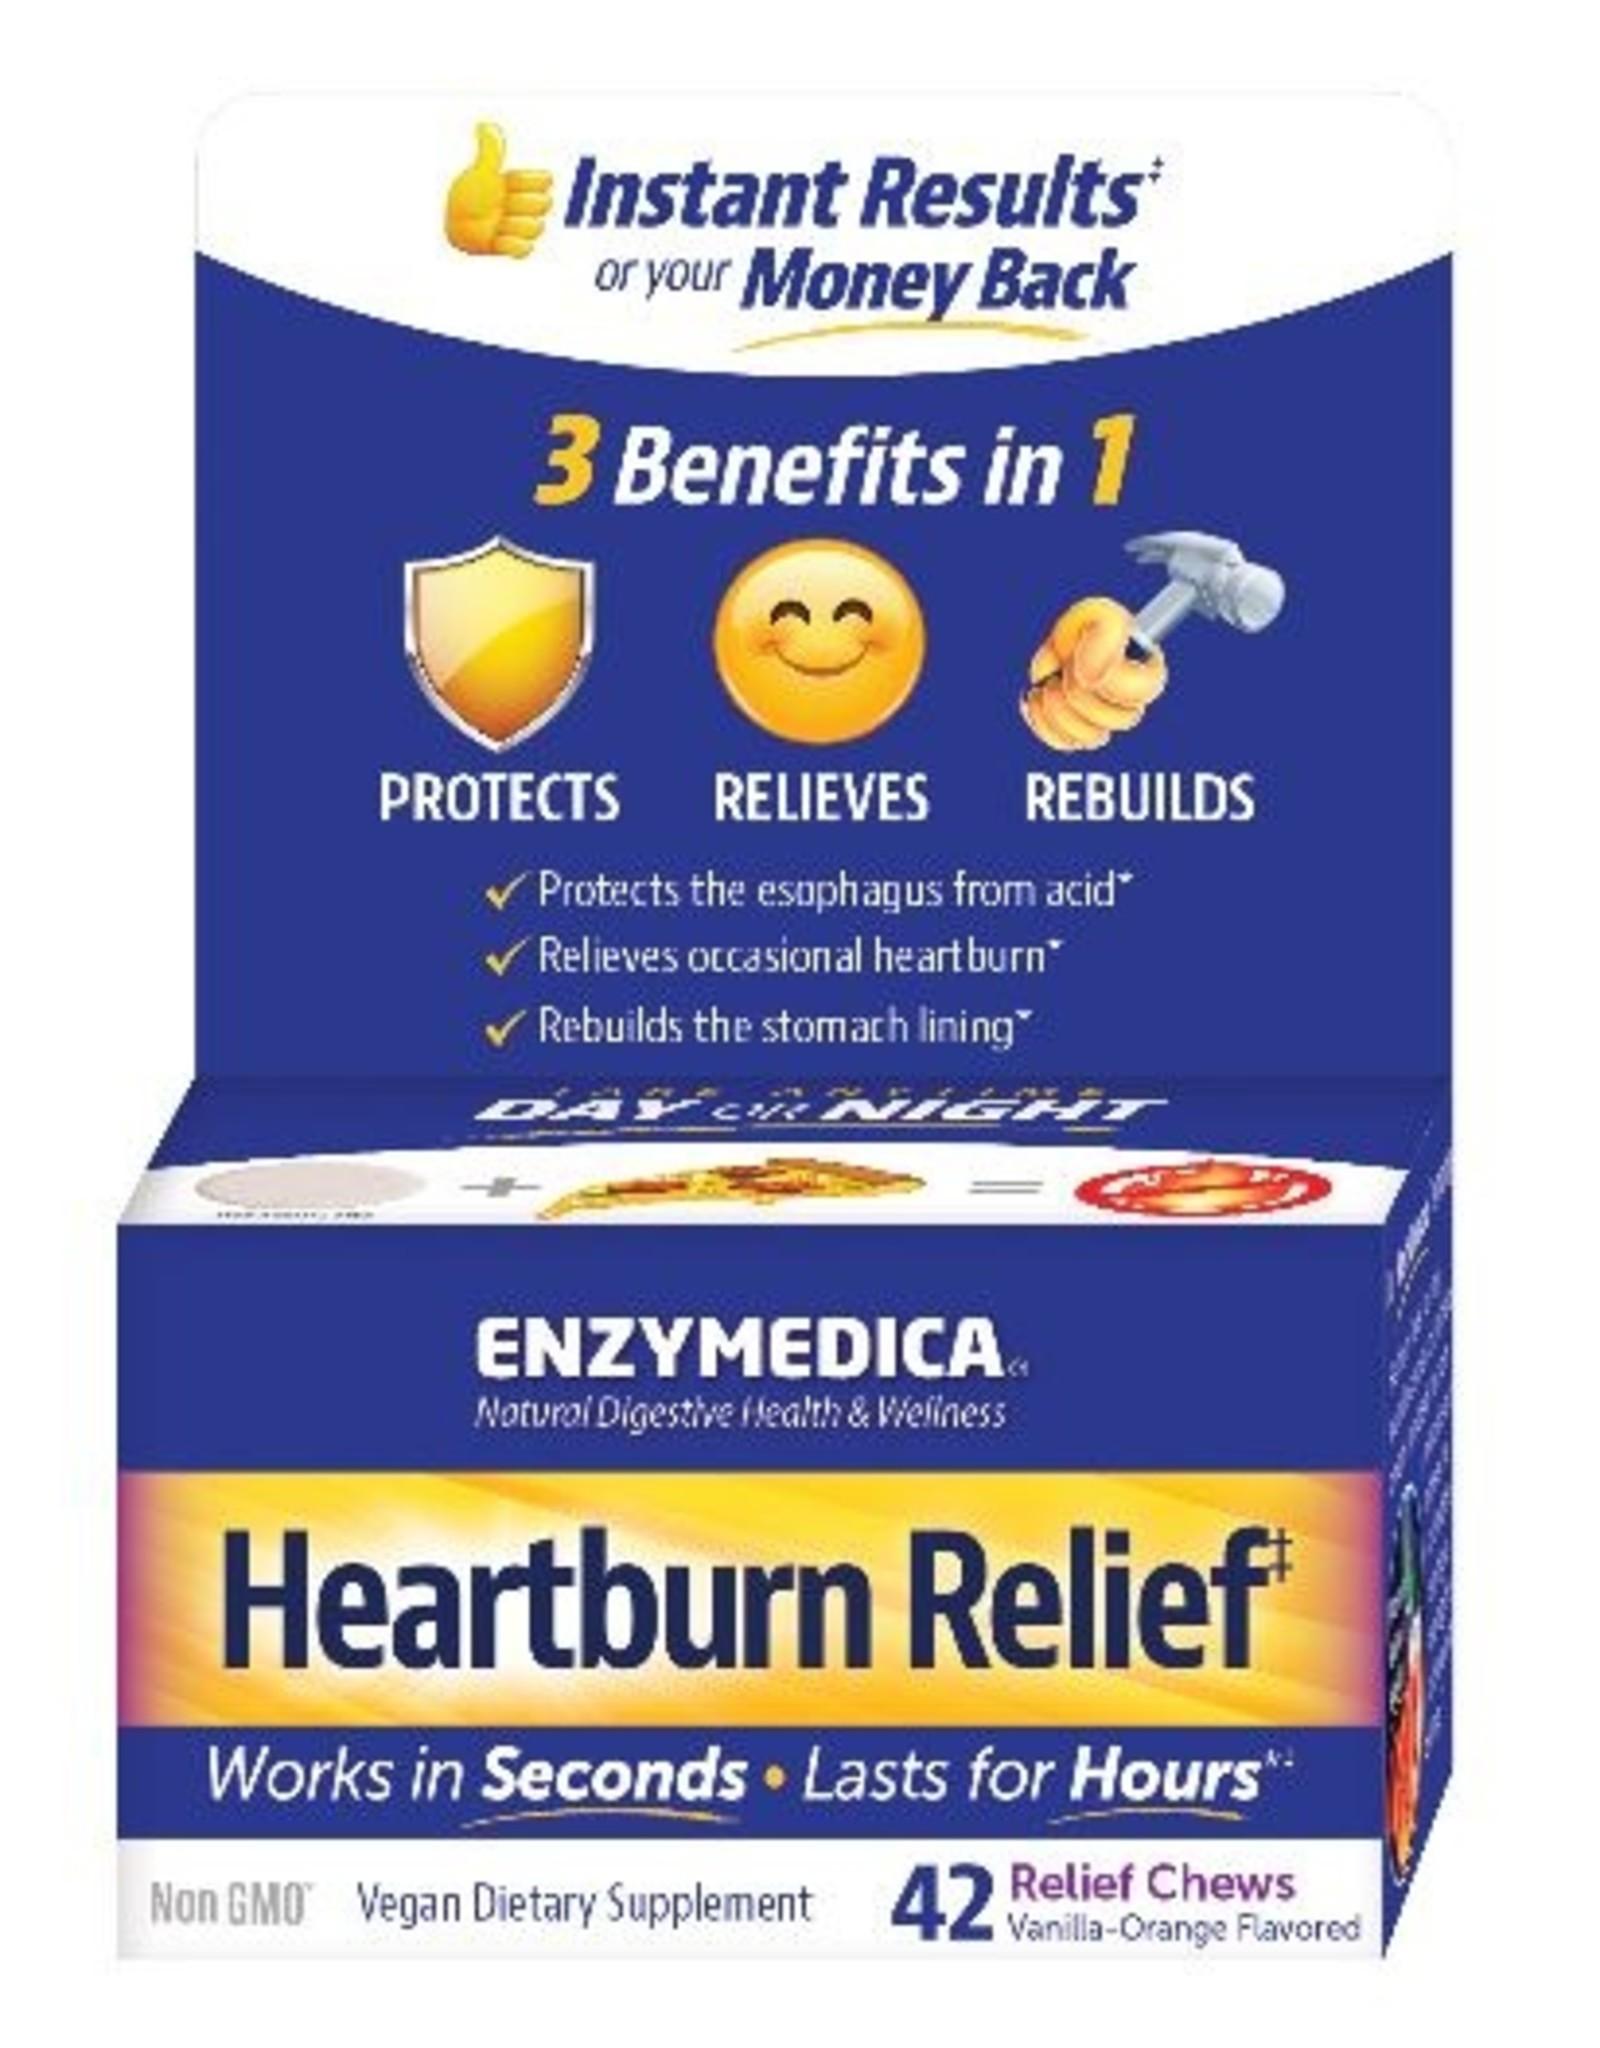 Enzymedica Heartburn Relief (42ct)